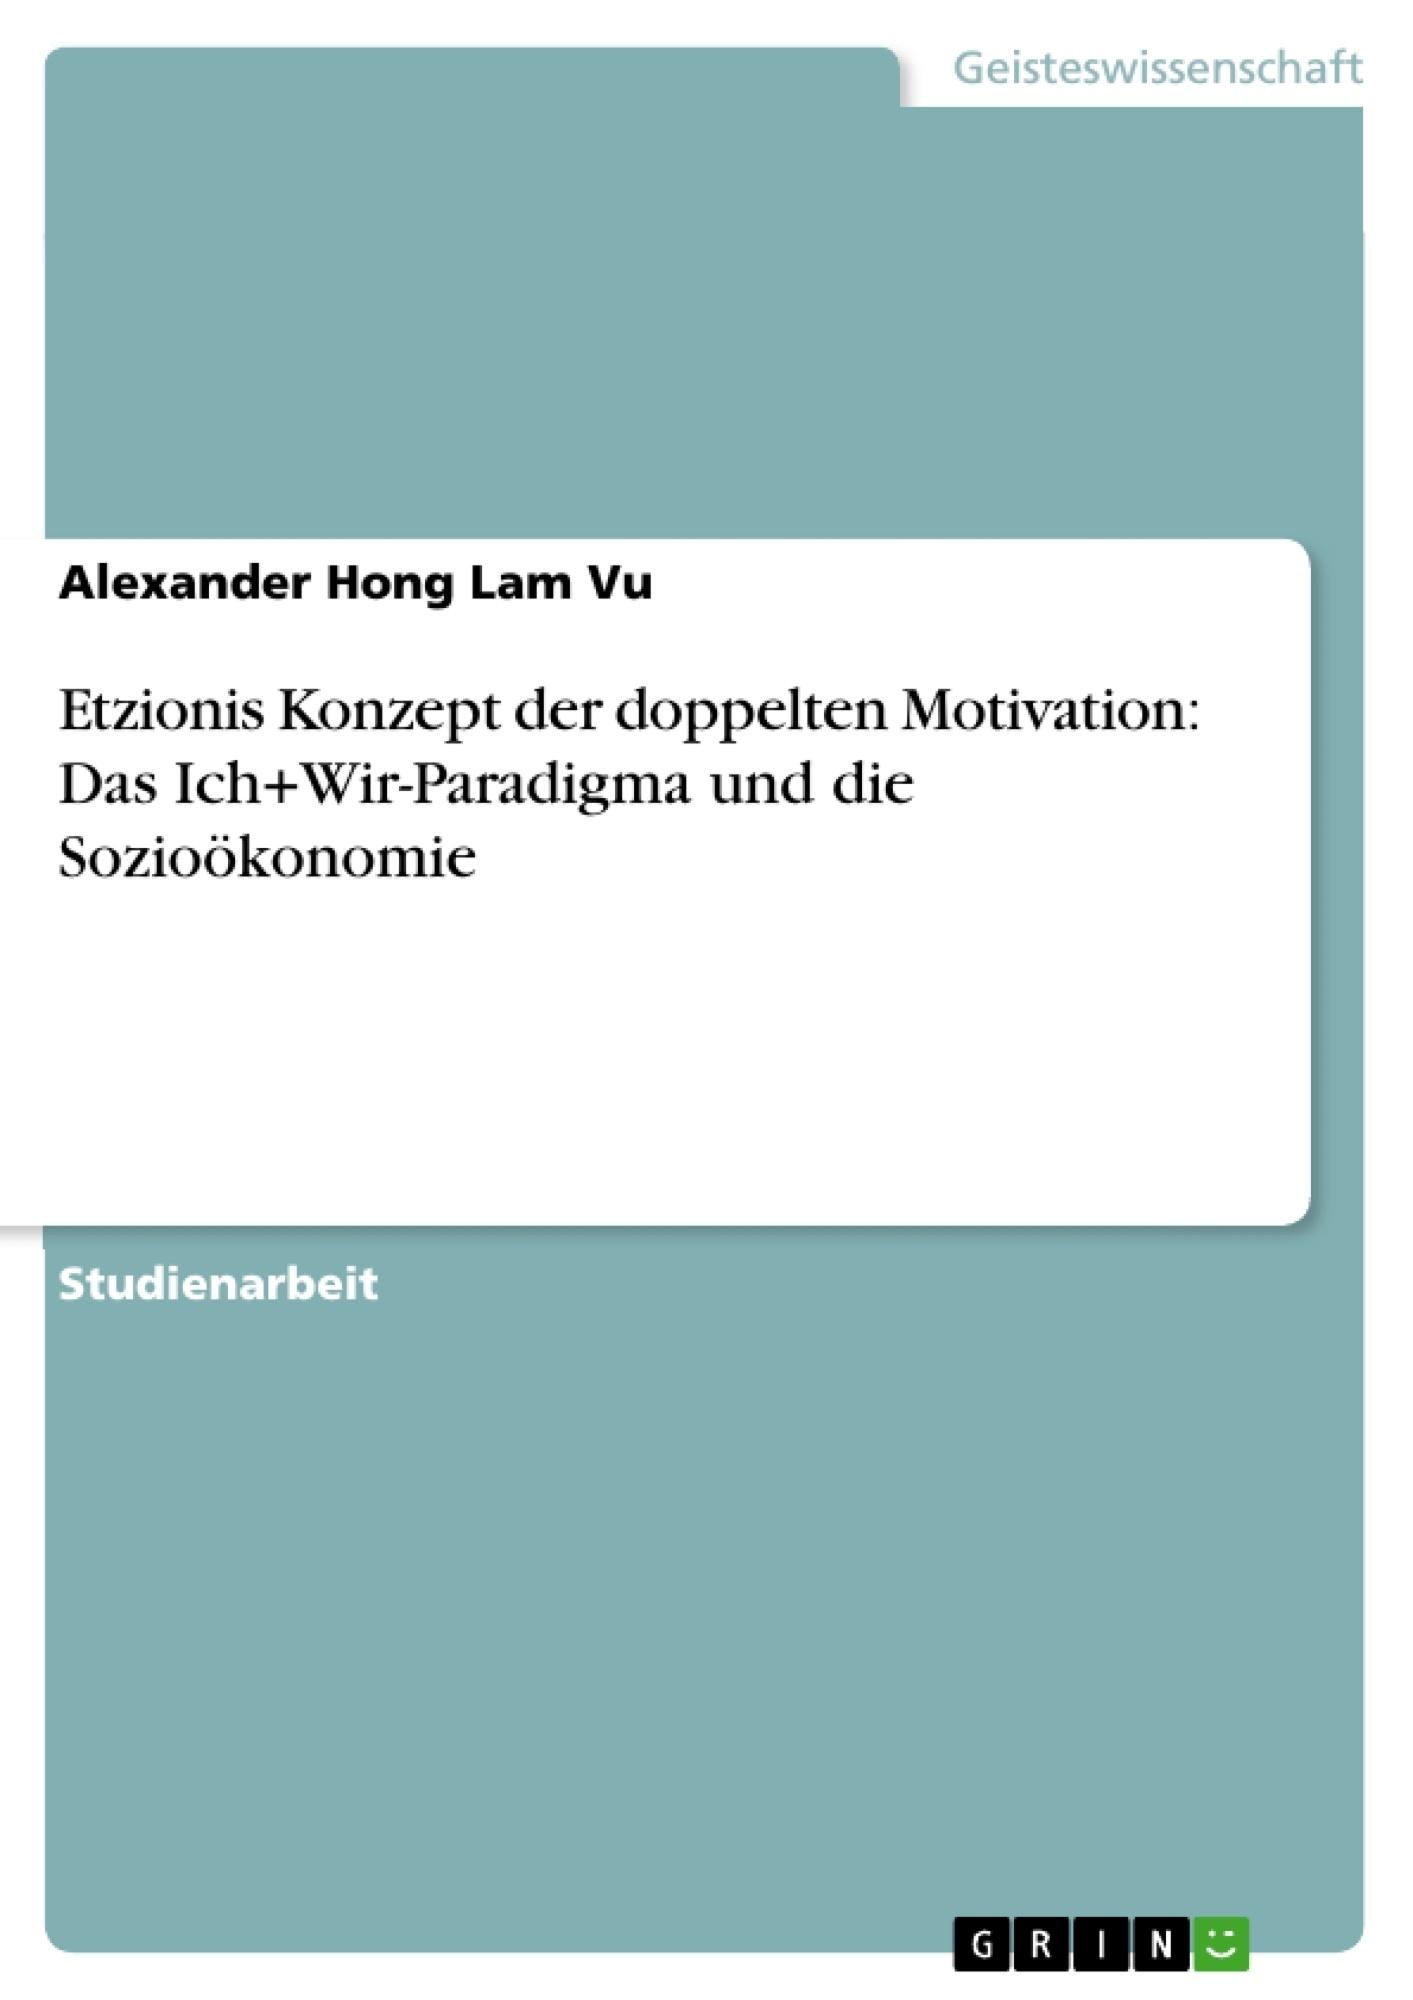 Titel: Etzionis Konzept der doppelten Motivation: Das Ich+Wir-Paradigma und die Sozioökonomie